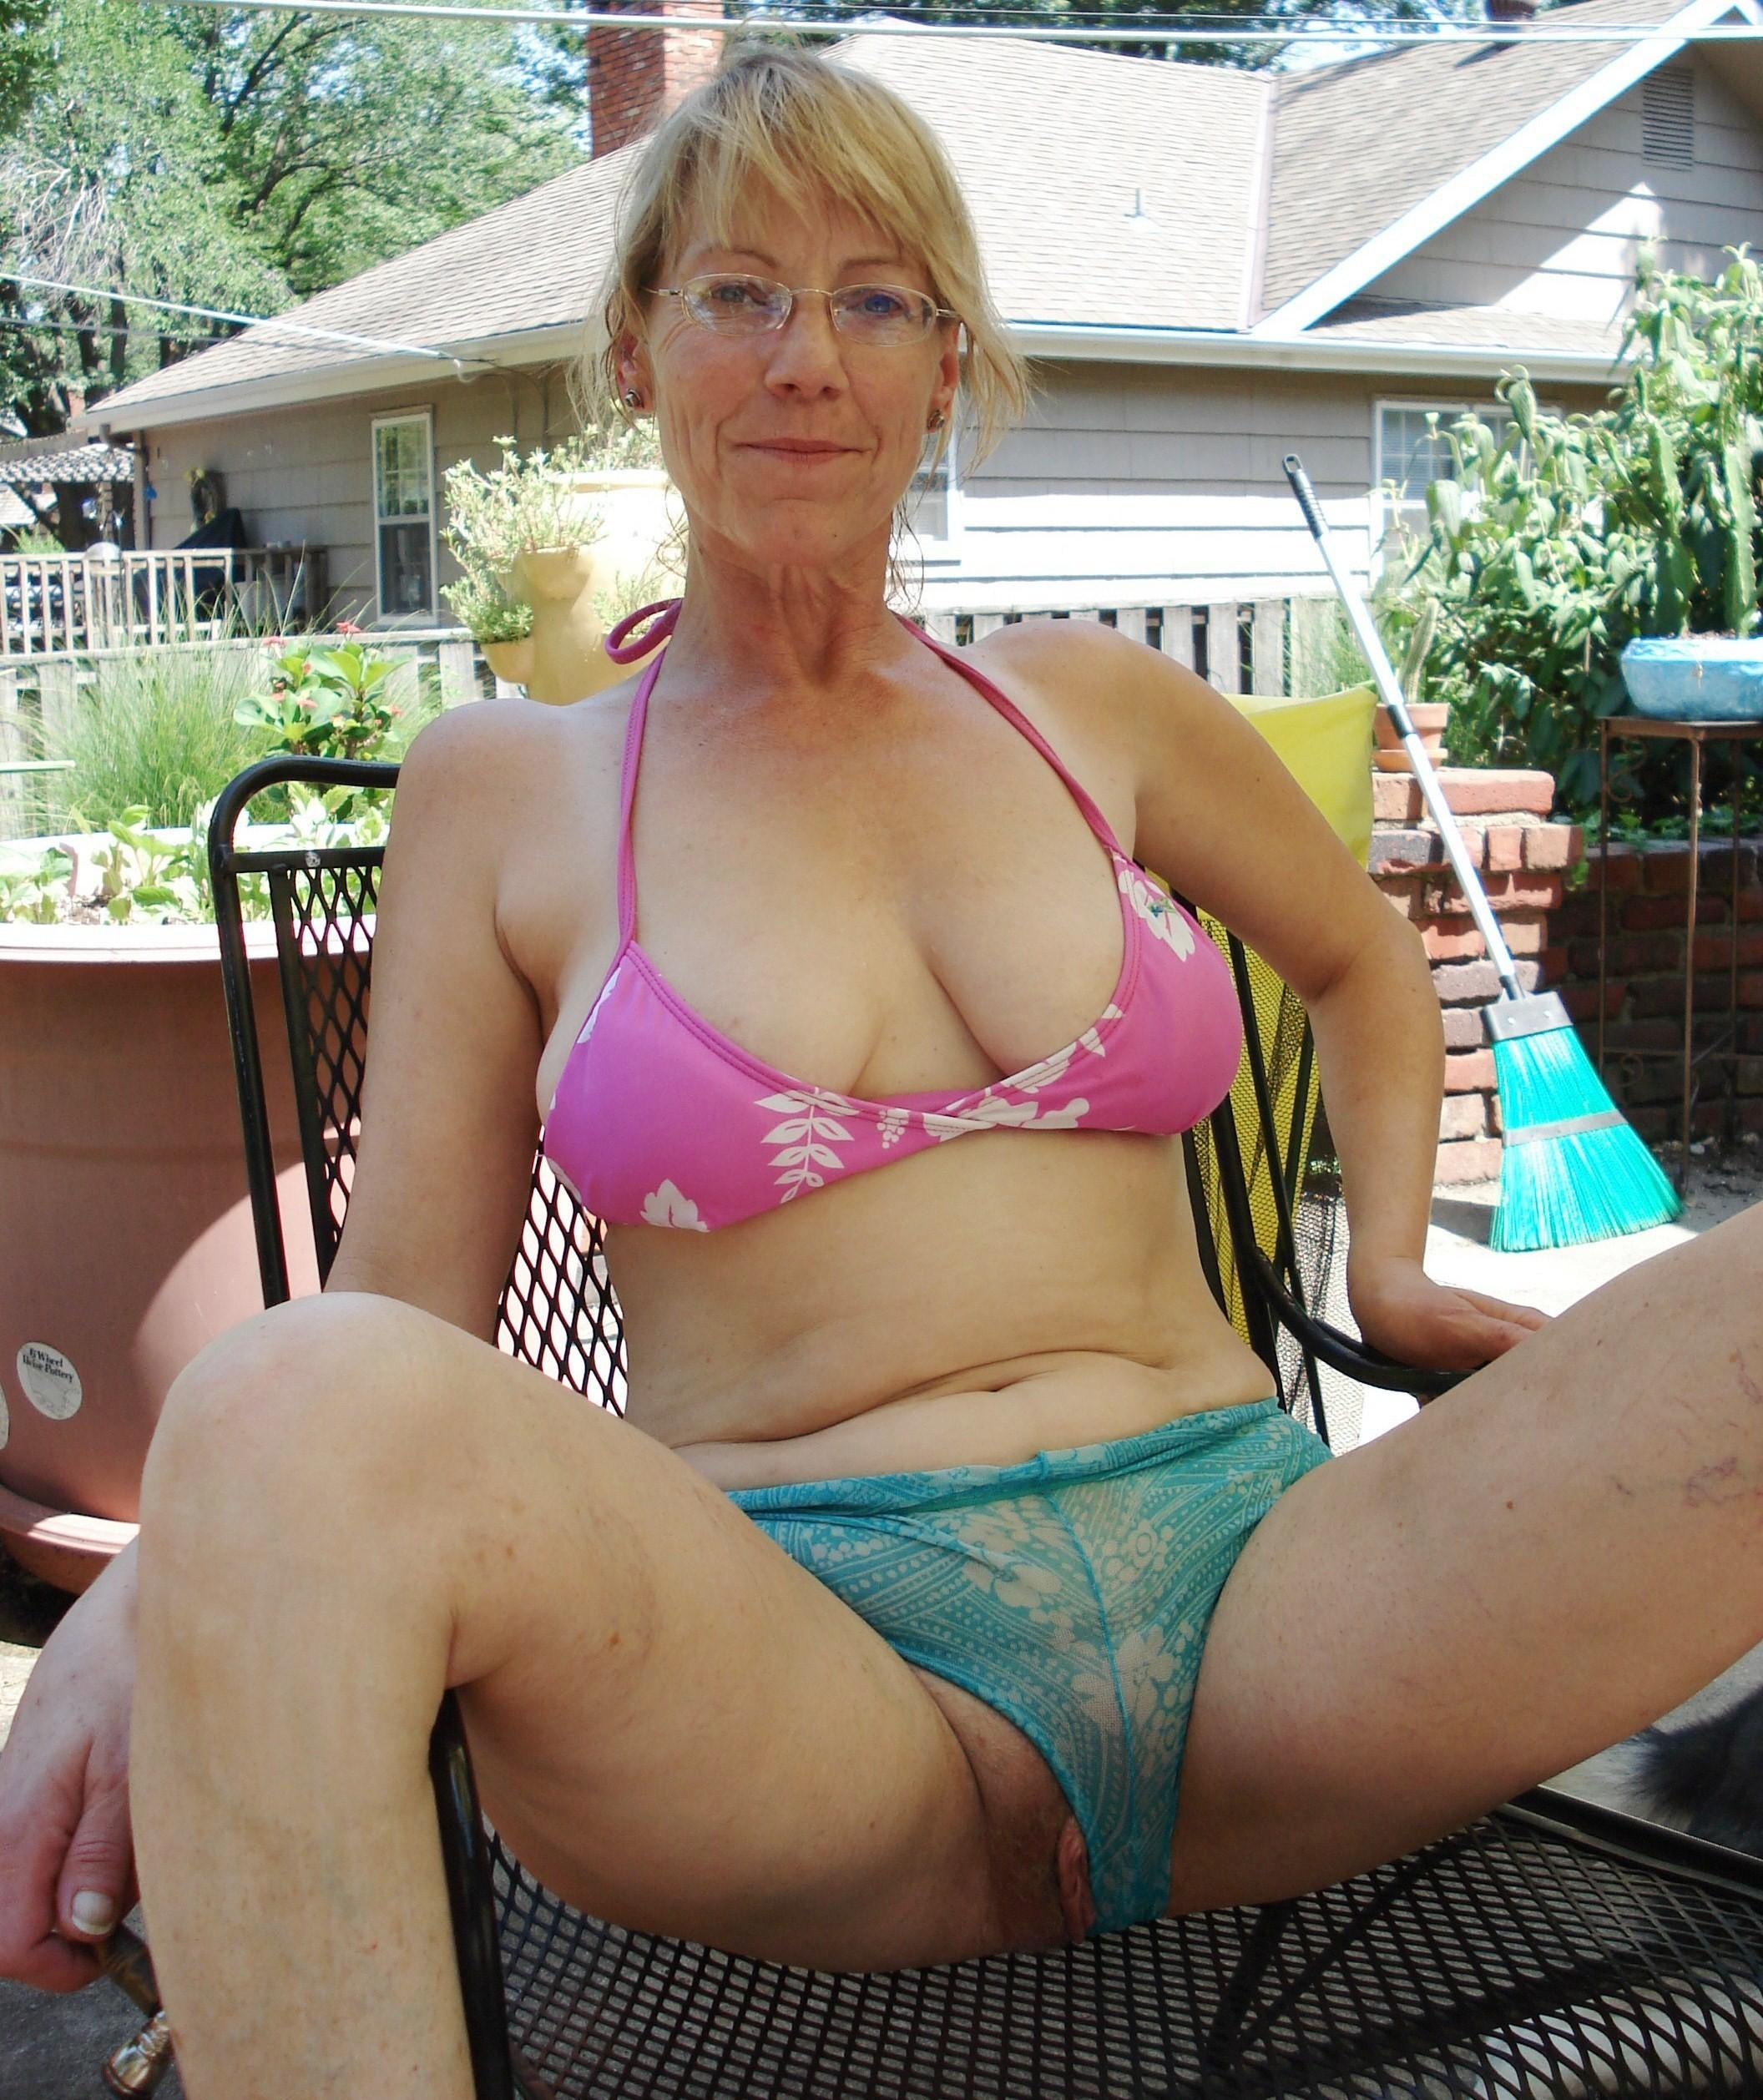 Human female vulva pictures